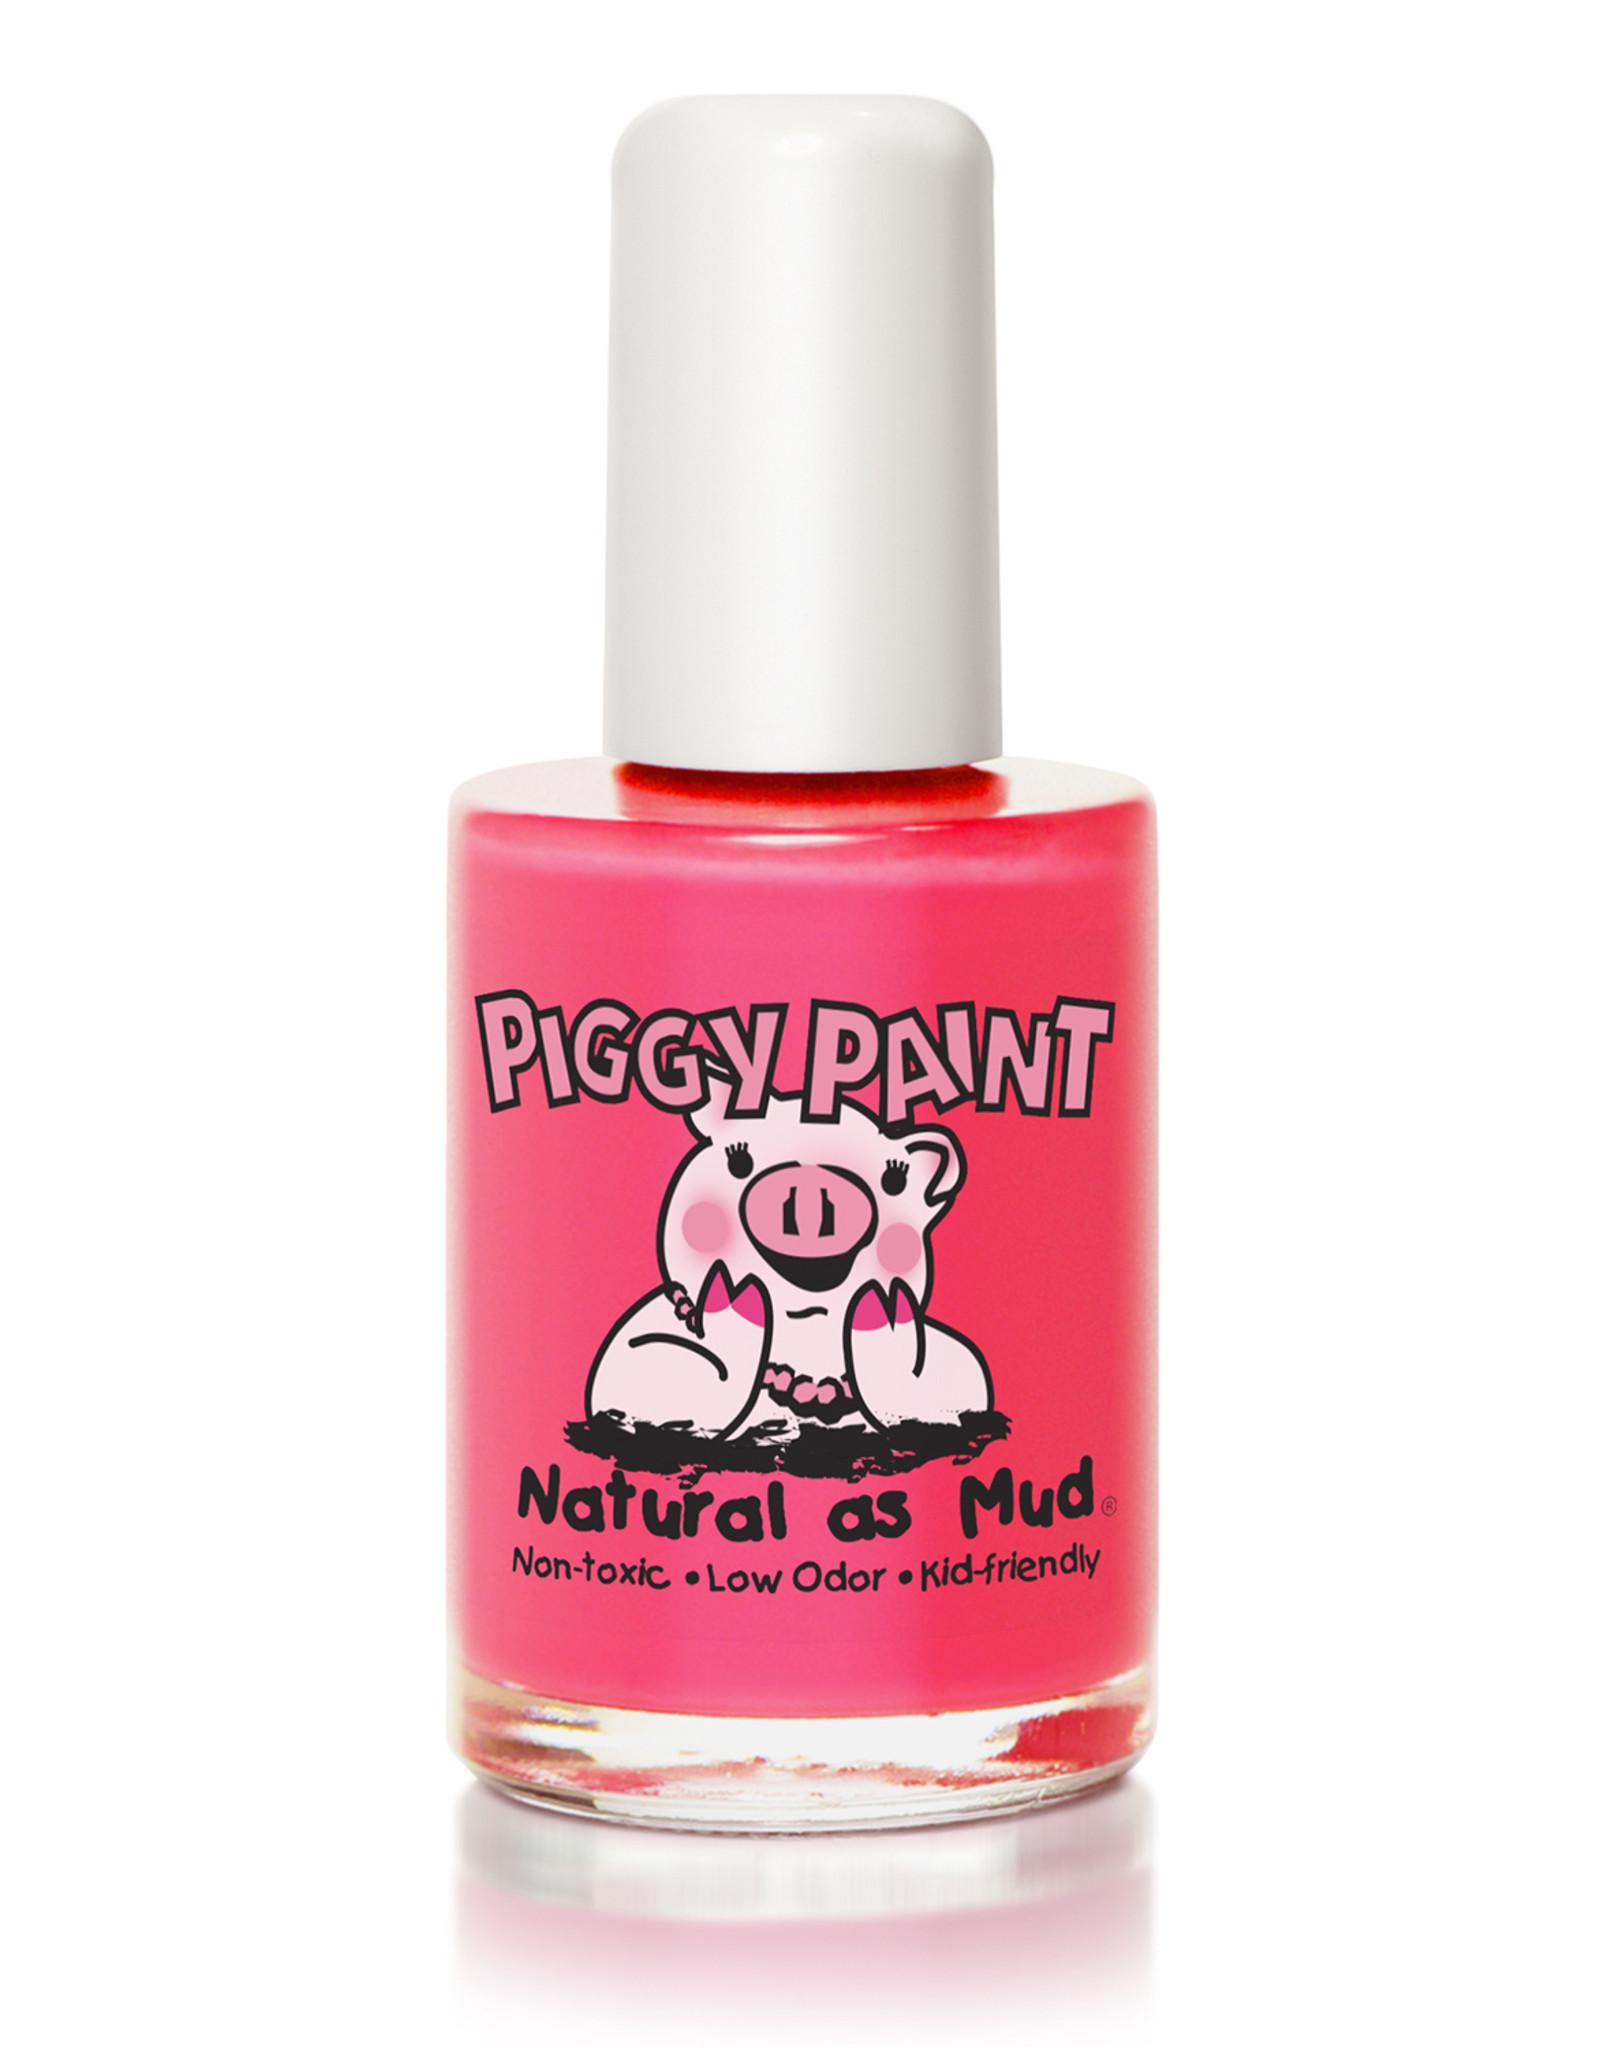 Piggy Paint Mini Nail Polish - Wild Child